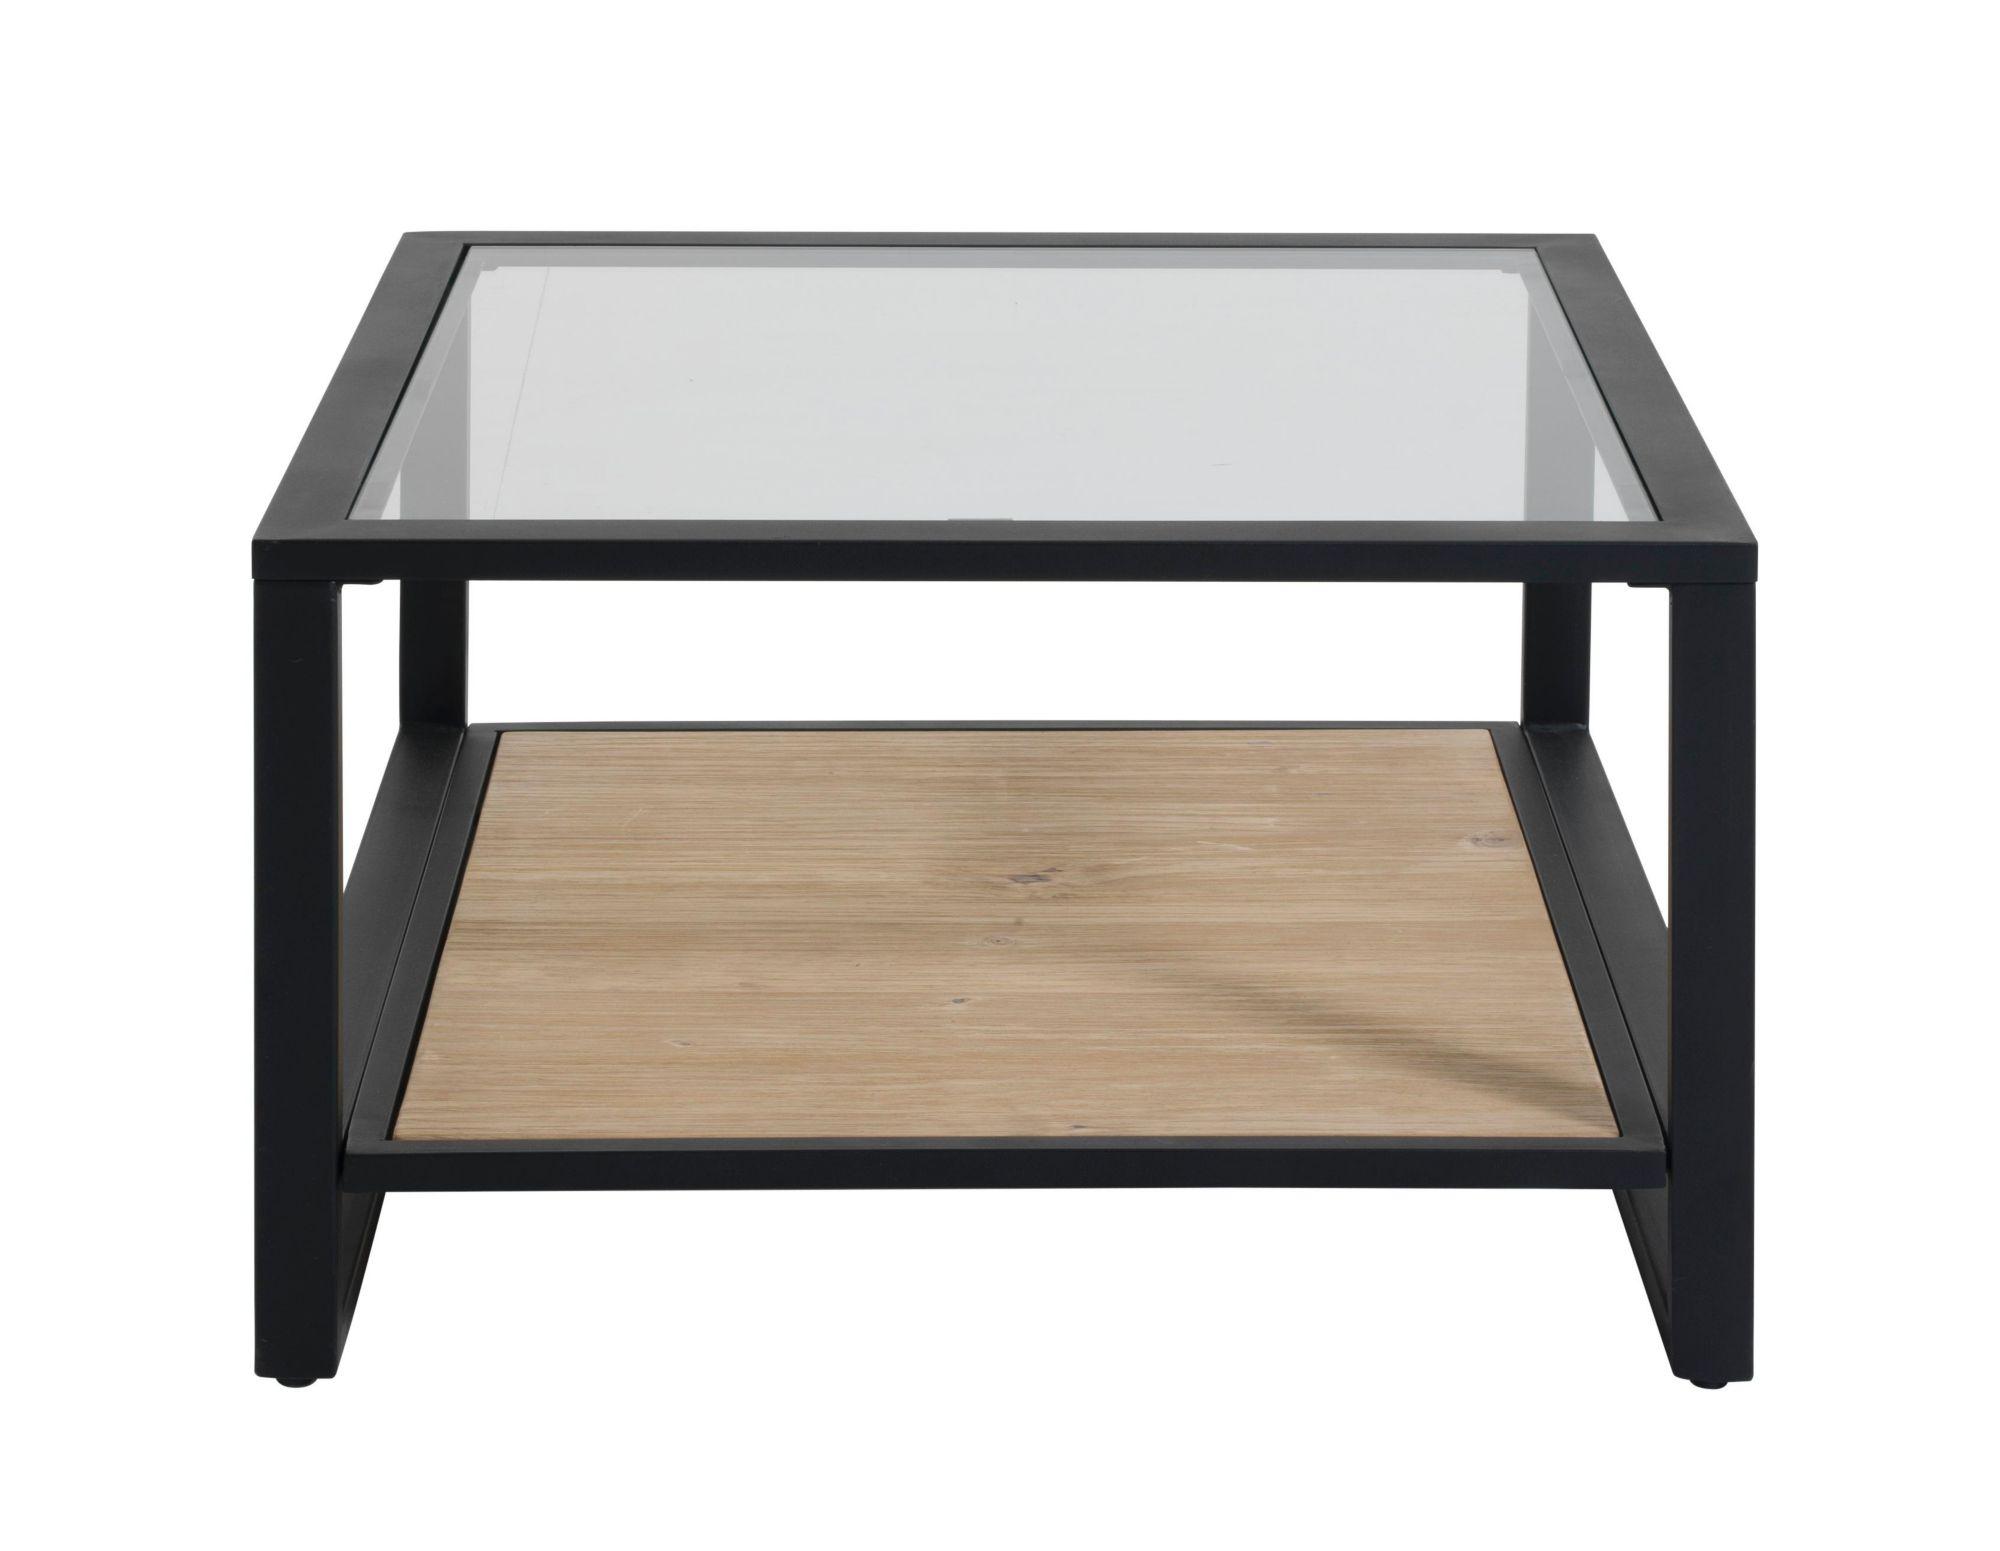 Table basse carree structure e t pietement enfer laque epoxy noir pla